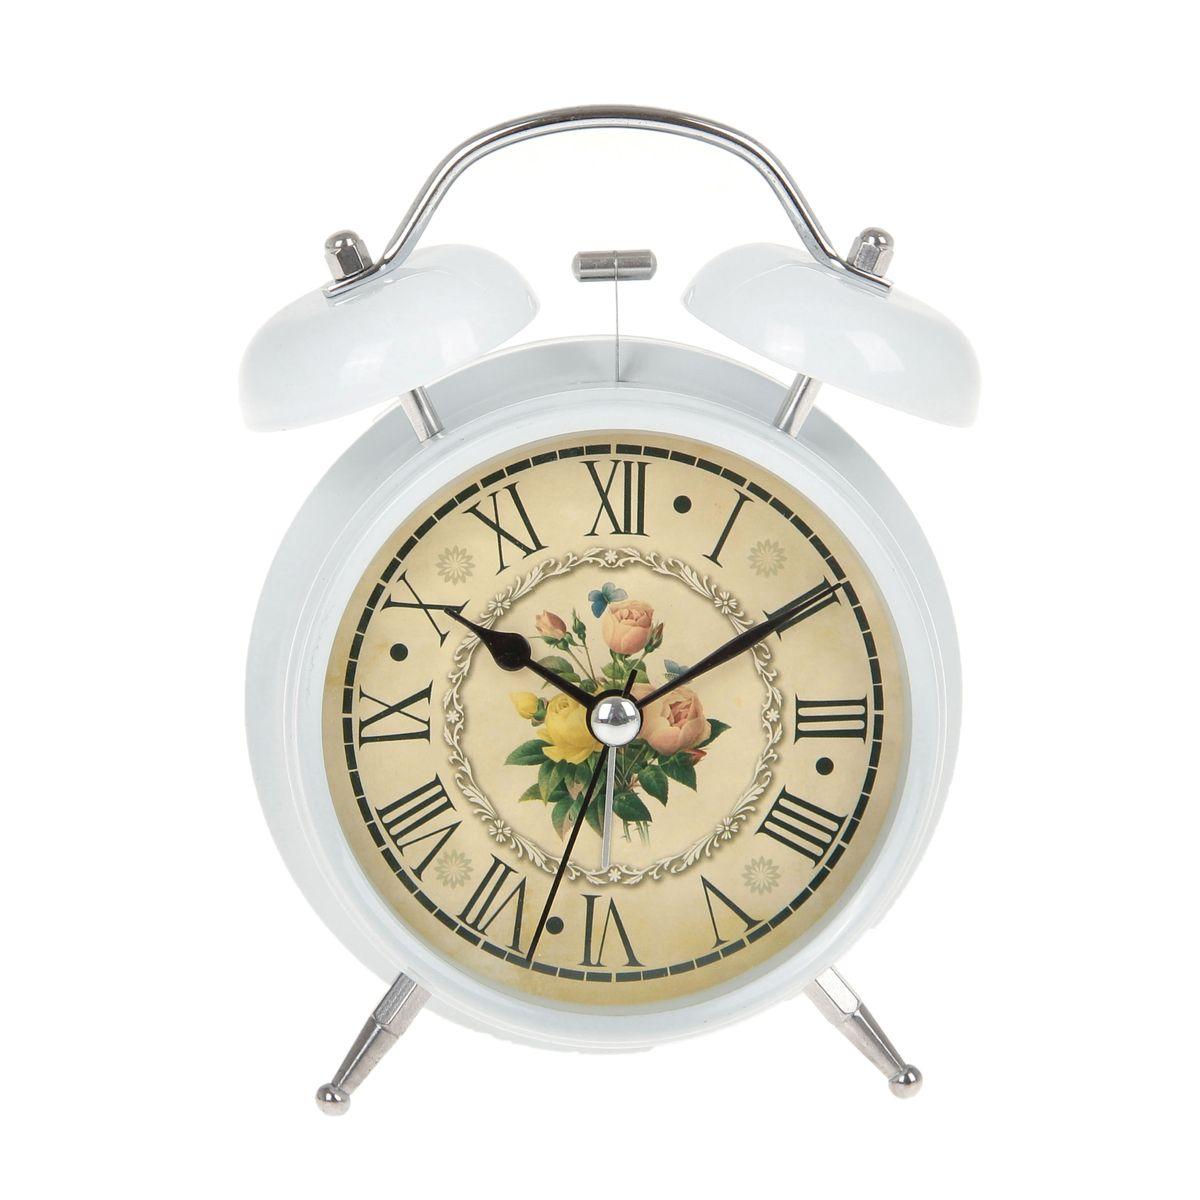 Часы-будильник Sima-land Цветы. 720837VT-3527(BK)Как же сложно иногда вставать вовремя! Всегда так хочется поспать еще хотя бы 5 минут и бывает, что мы просыпаем. Теперь этого не случится! Яркий, оригинальный будильник Sima-land Цветы поможет вам всегда вставать в нужное время и успевать везде и всюду.Корпус будильника выполнен из металла. Циферблат оформлен изображением цветов. Часы снабжены 4 стрелками (секундная, минутная, часовая и для будильника). На задней панели будильника расположен переключатель включения/выключения механизма, а также два колесика для настройки текущего времени и времени звонка будильника. Изделие снабжено подсветкой, которая включается нажатием на кнопку с задней стороны корпуса.Пользоваться будильником очень легко: нужно всего лишь поставить батарейку, настроить точное время и установить время звонка. Необходимо докупить 1 батарейку типа АА (не входит в комплект).